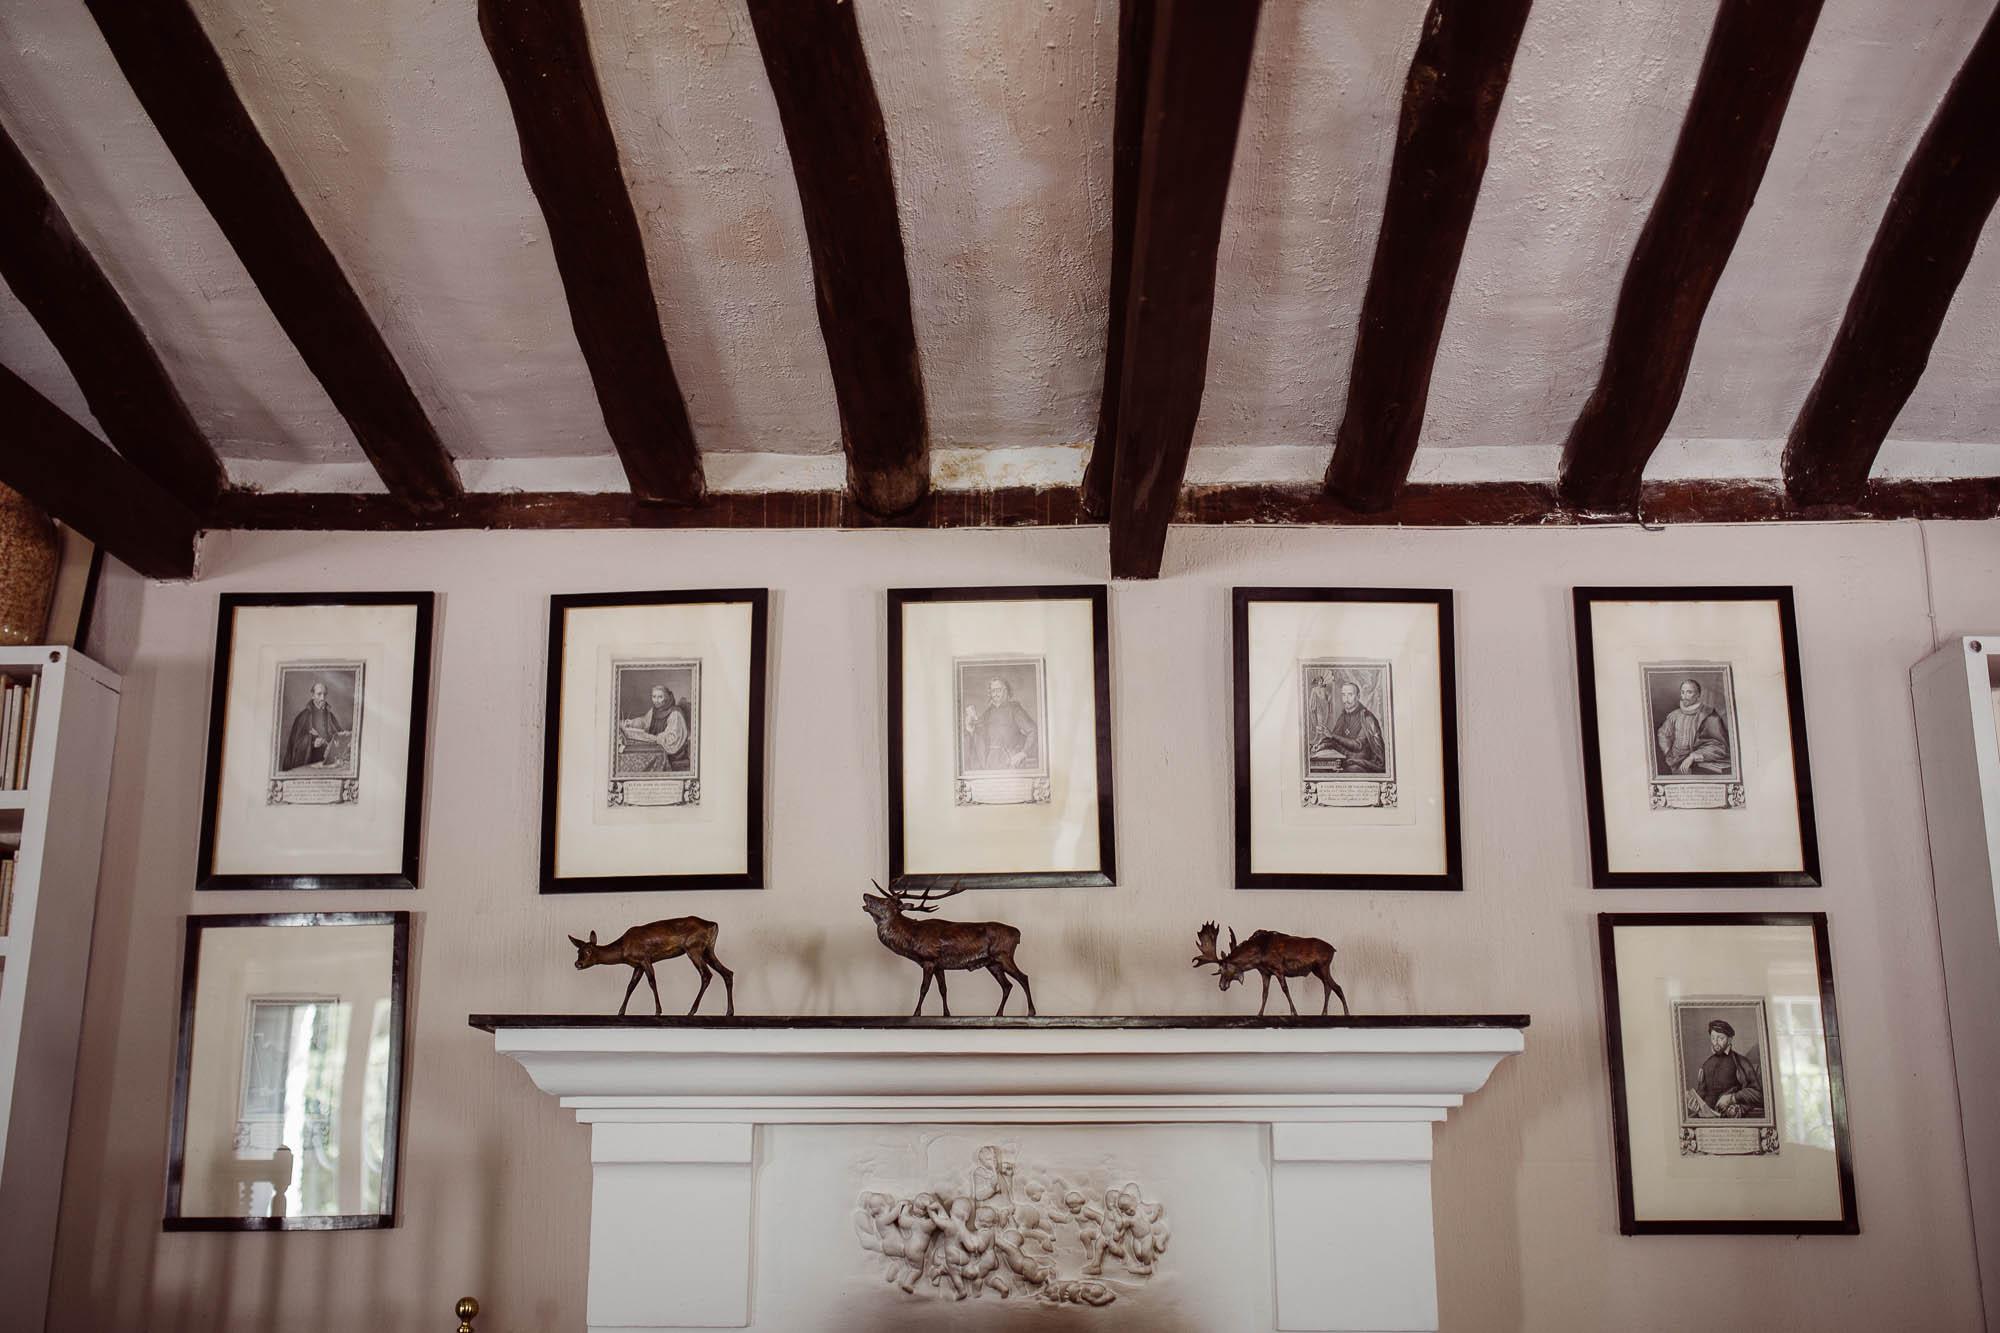 Habitación de la casa rural decorada con figuras de animales